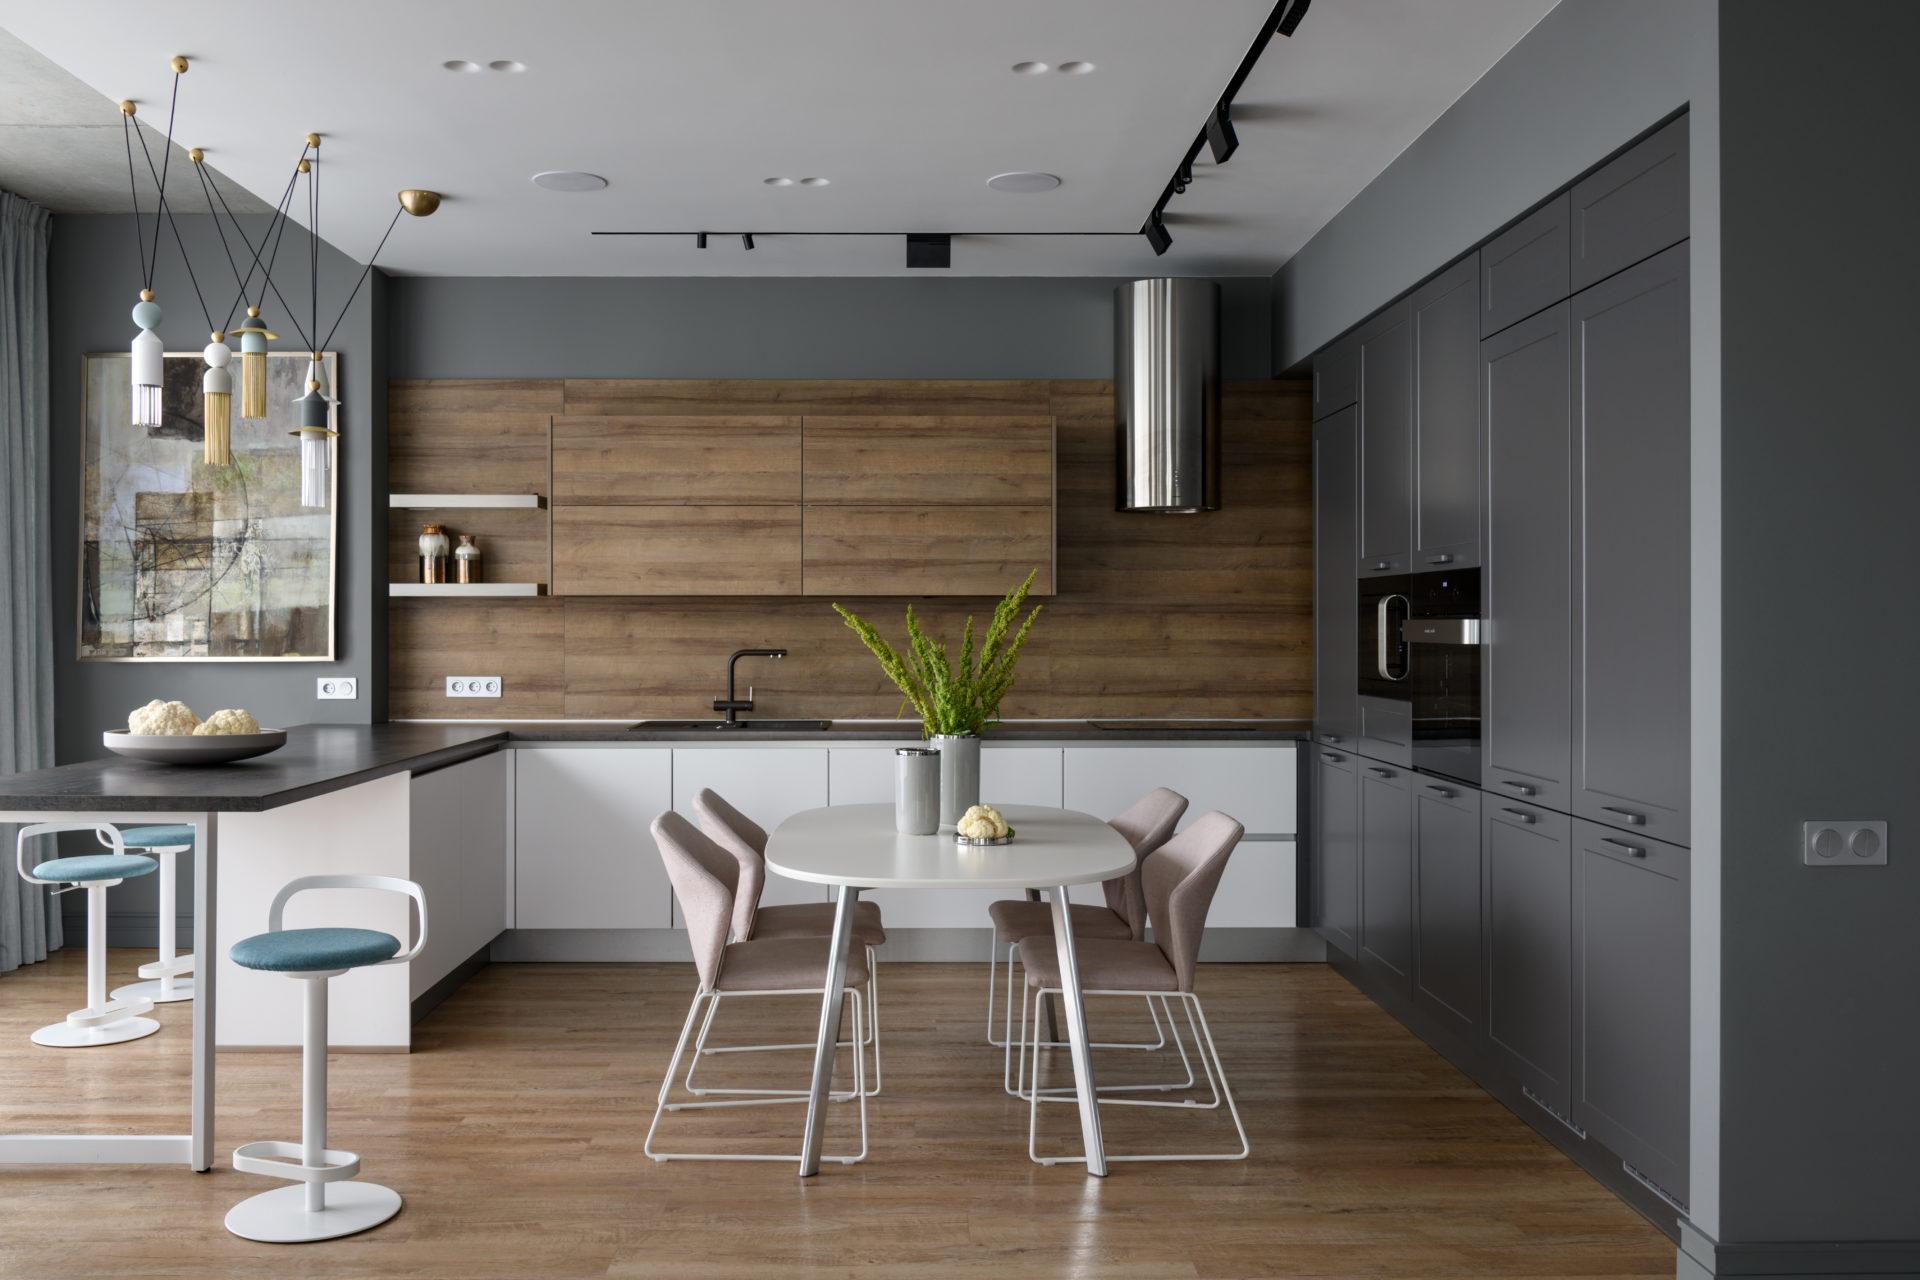 Мягкая эклектика: квартира в Новосибирске в постельных тонах. Кухня nobilia в журнале Elle Decoration